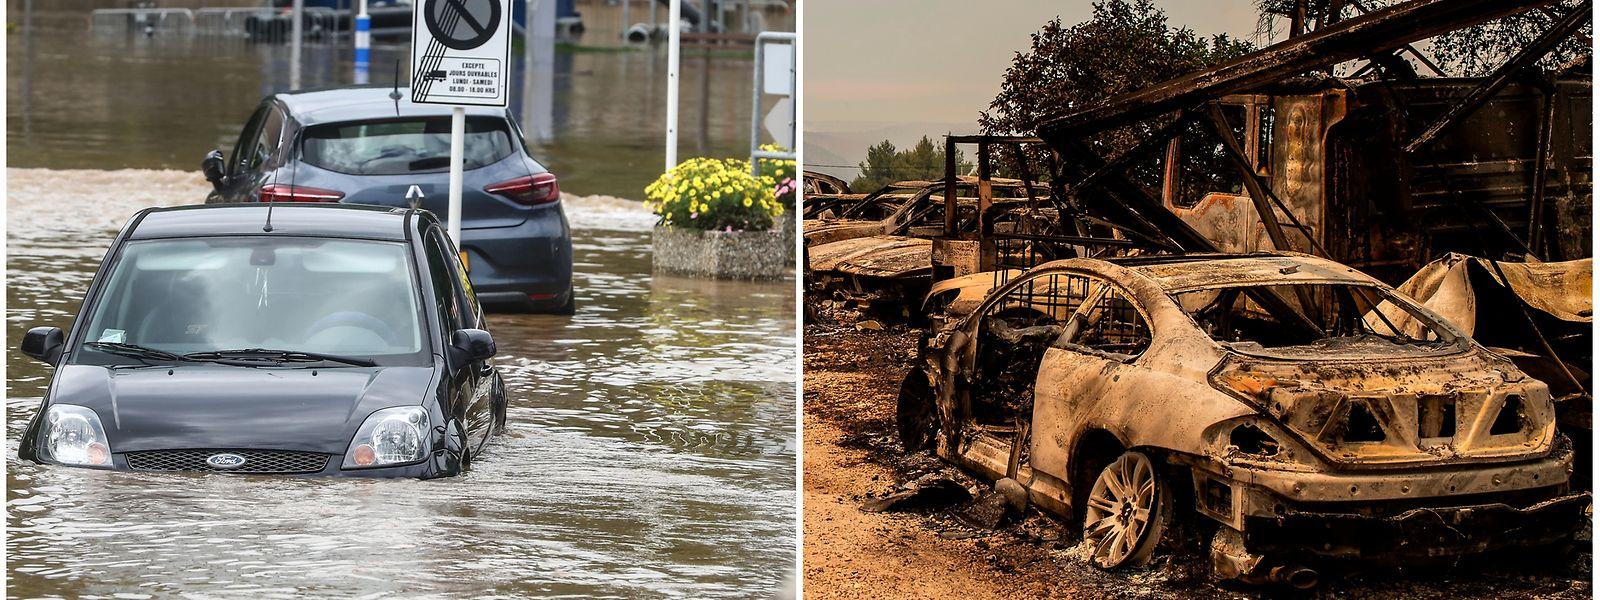 Extremwetterereignisse wie das Sommerhochwasser in Luxemburg, Deutschland und Belgien, oder große Hitze mit Waldbränden wie in Griechenland, werden sich künftig mehren.